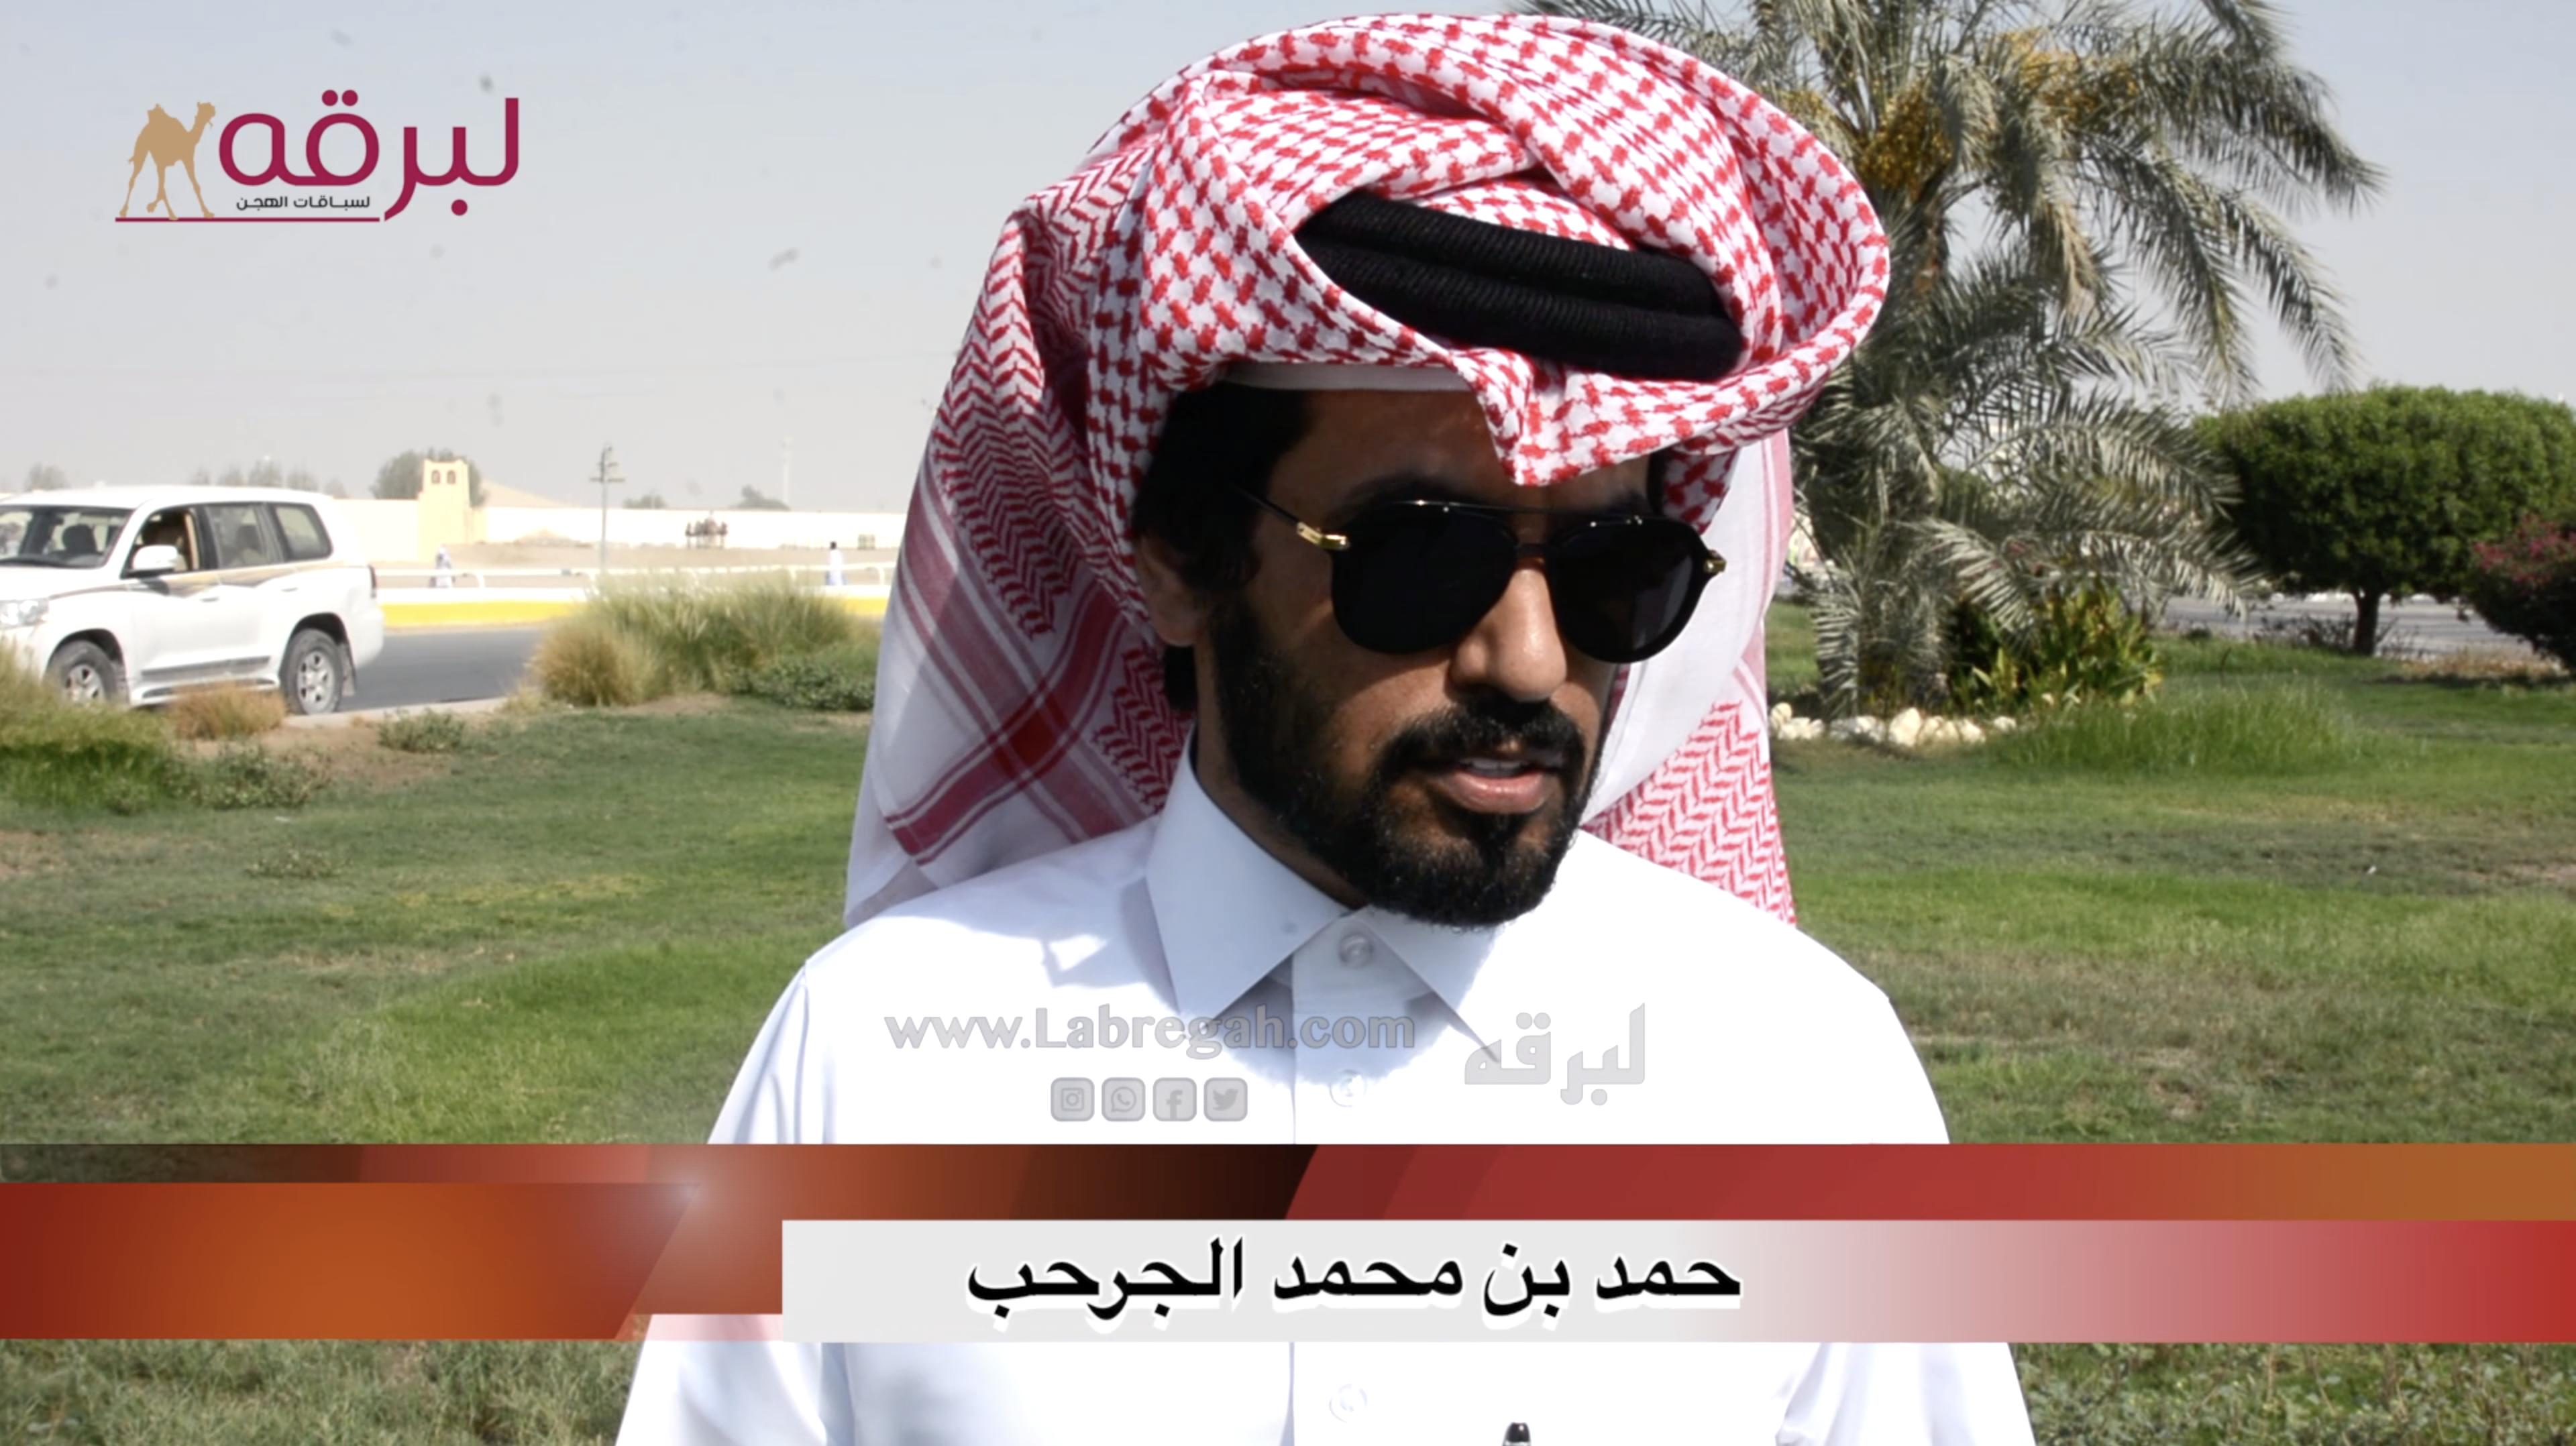 لقاء مع حمد بن محمد الجرحب.. الشوط الرئيسي للحيل المفتوح صباح ١٣-٩-٢٠٢٠